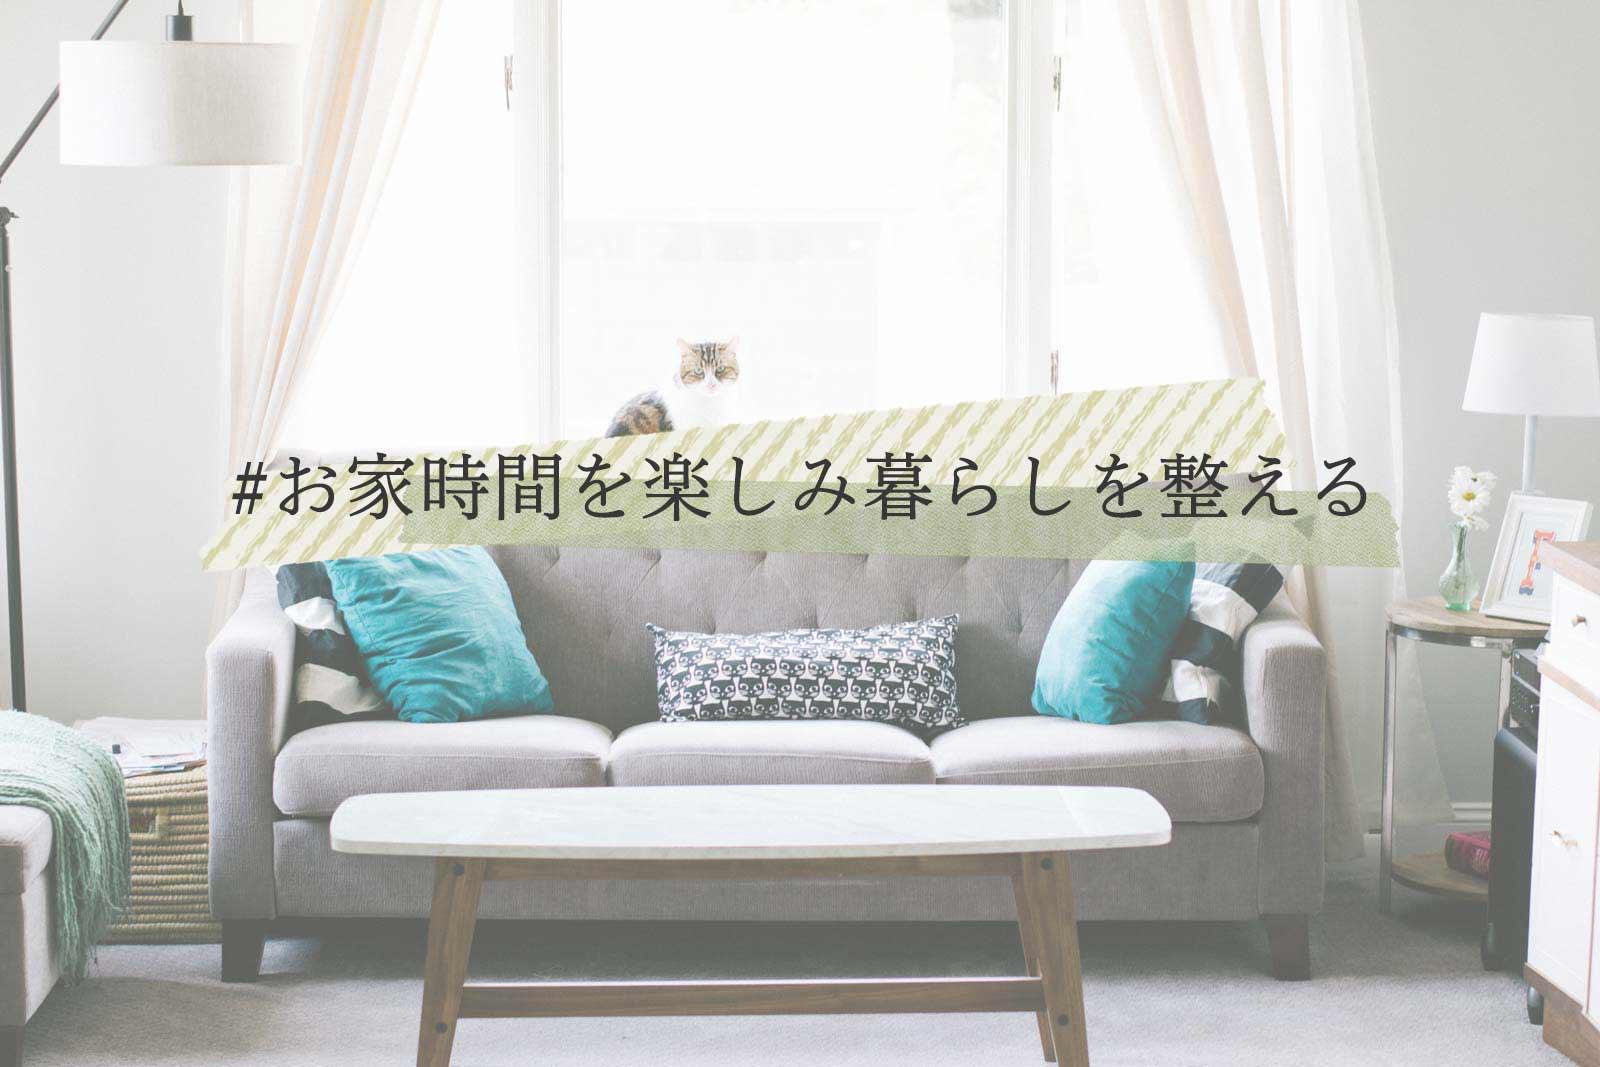 #お家時間を楽しみ暮らしを整える